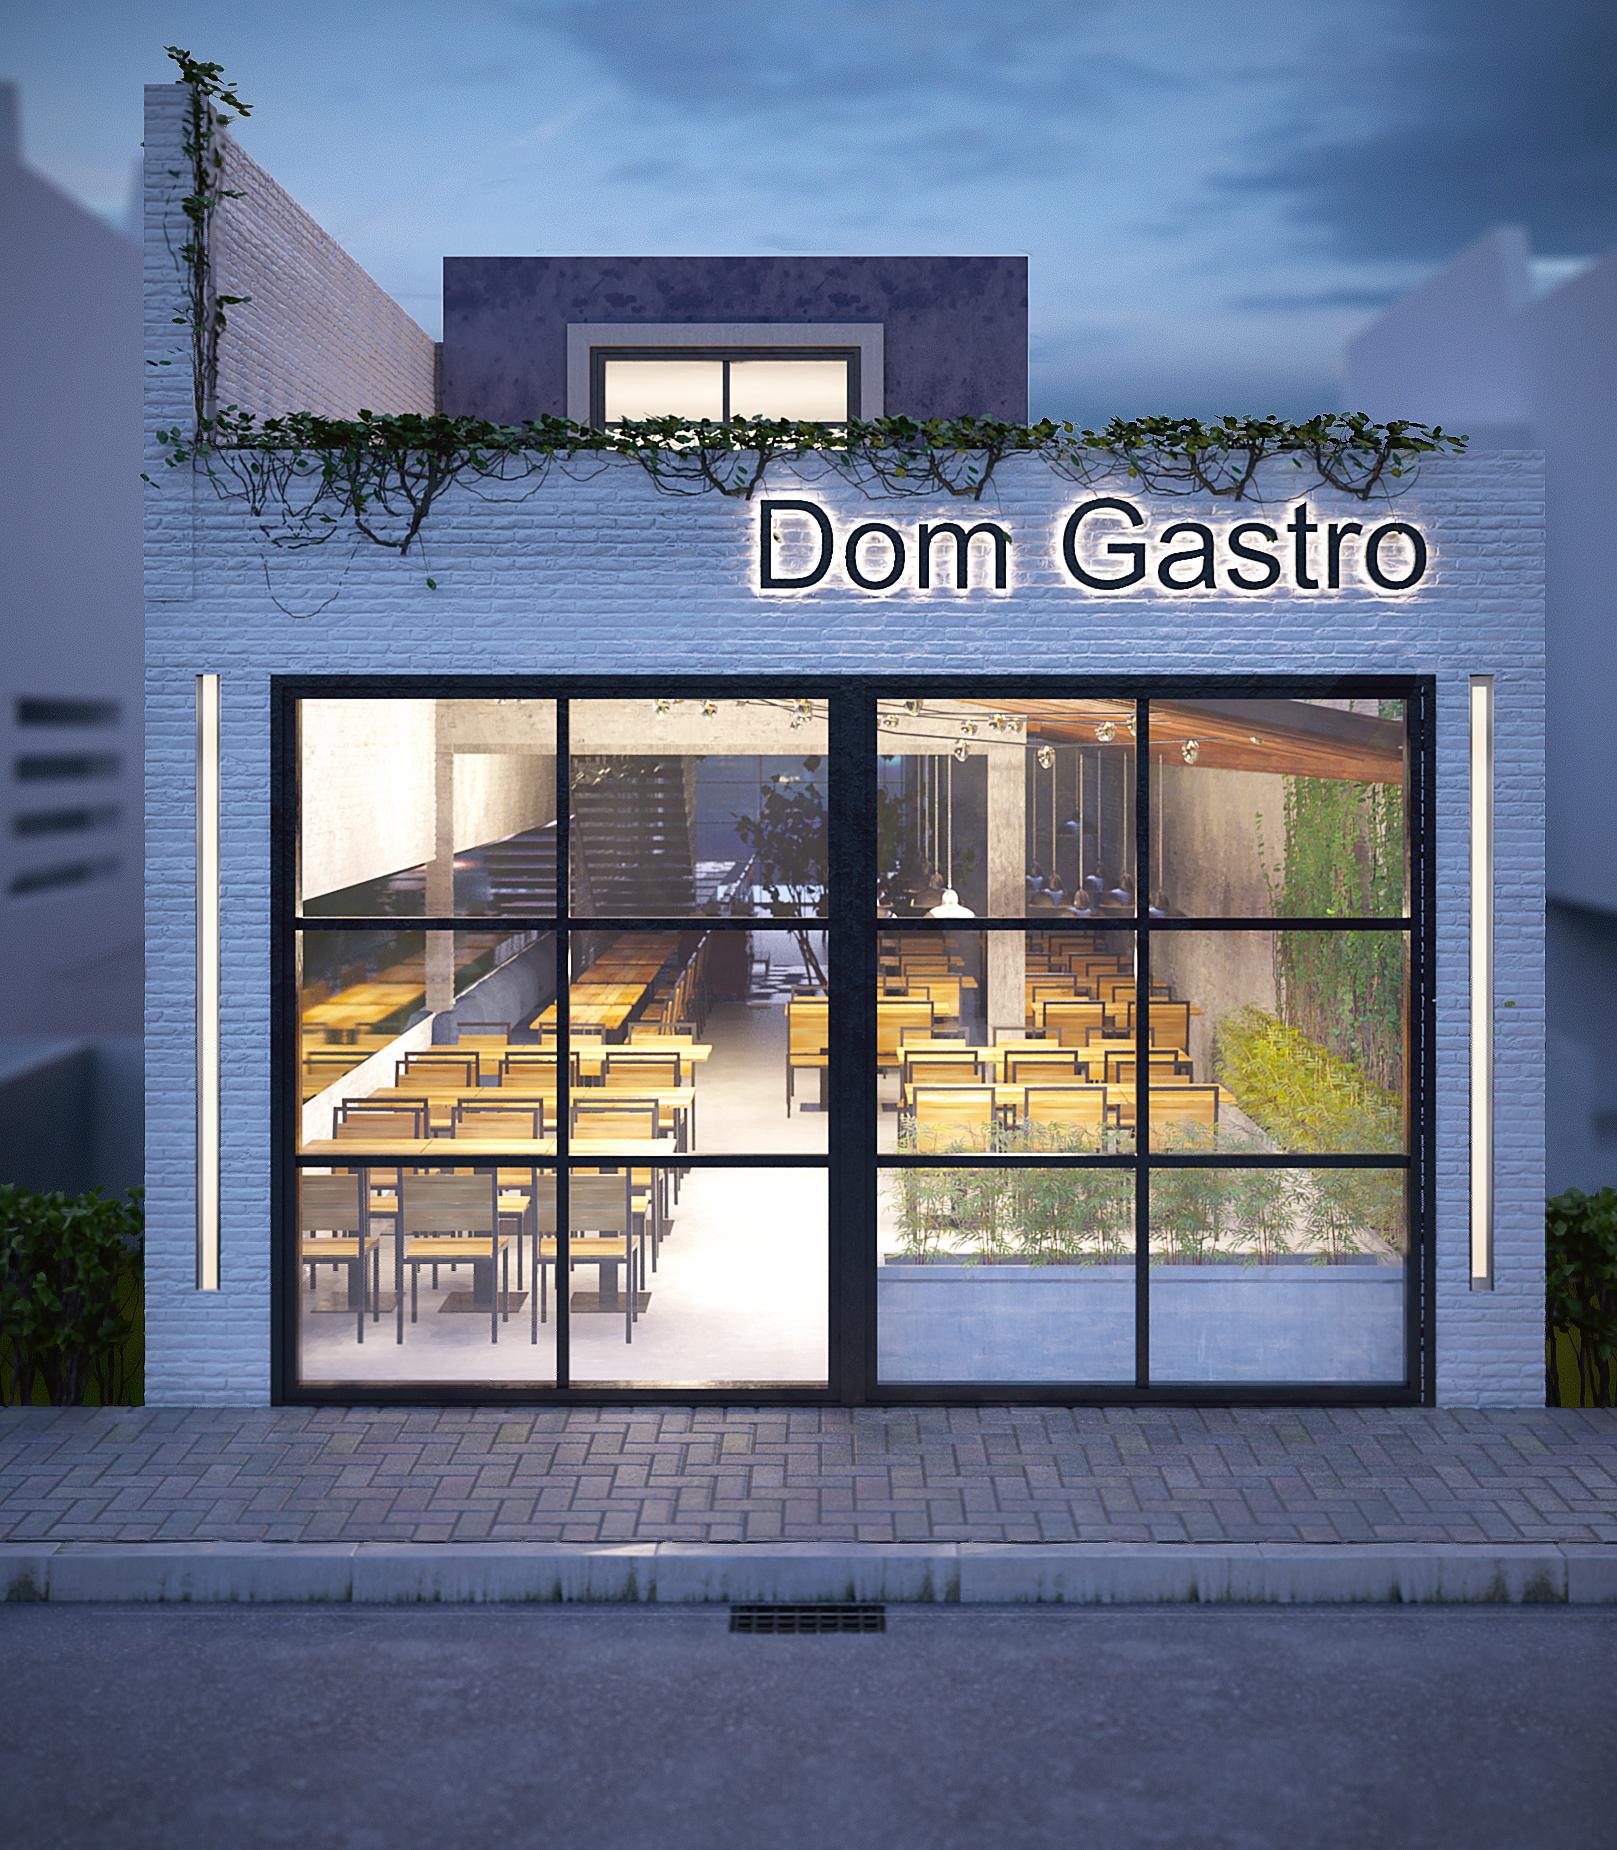 Projeto De Arquitetura Para Restaurantes Gabriela Toledo